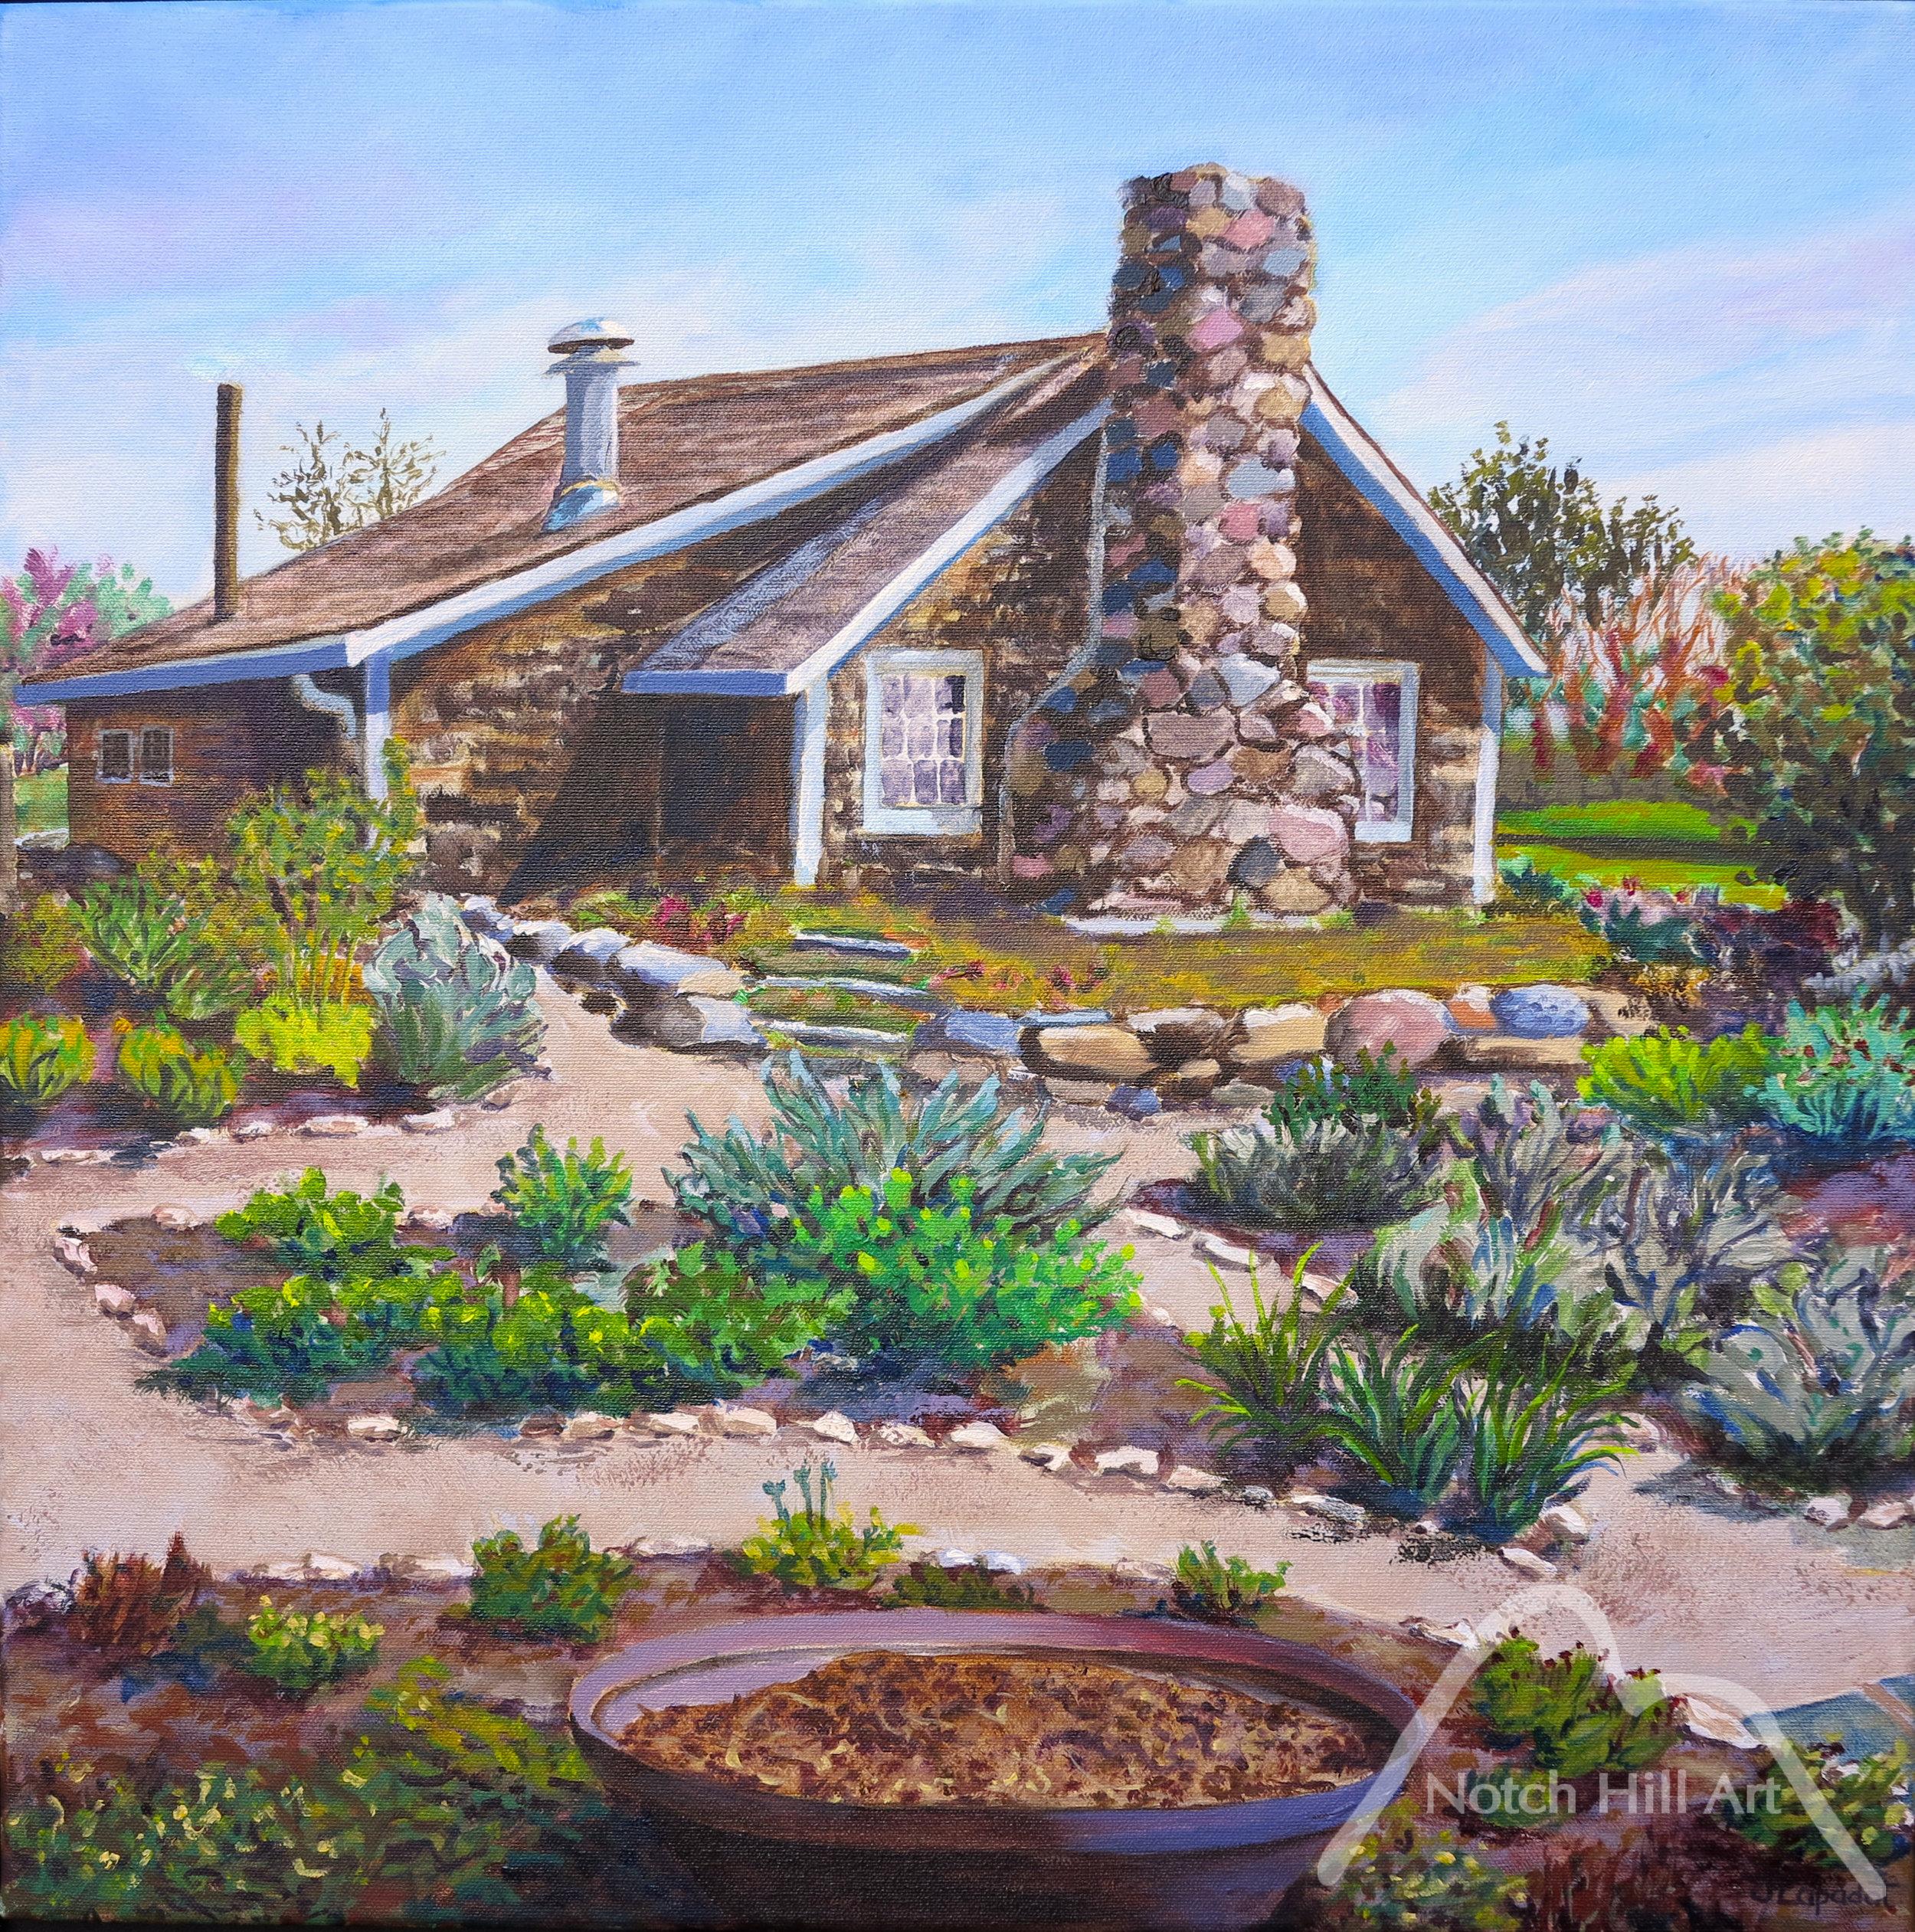 May Garden Behind the Chicken Coop